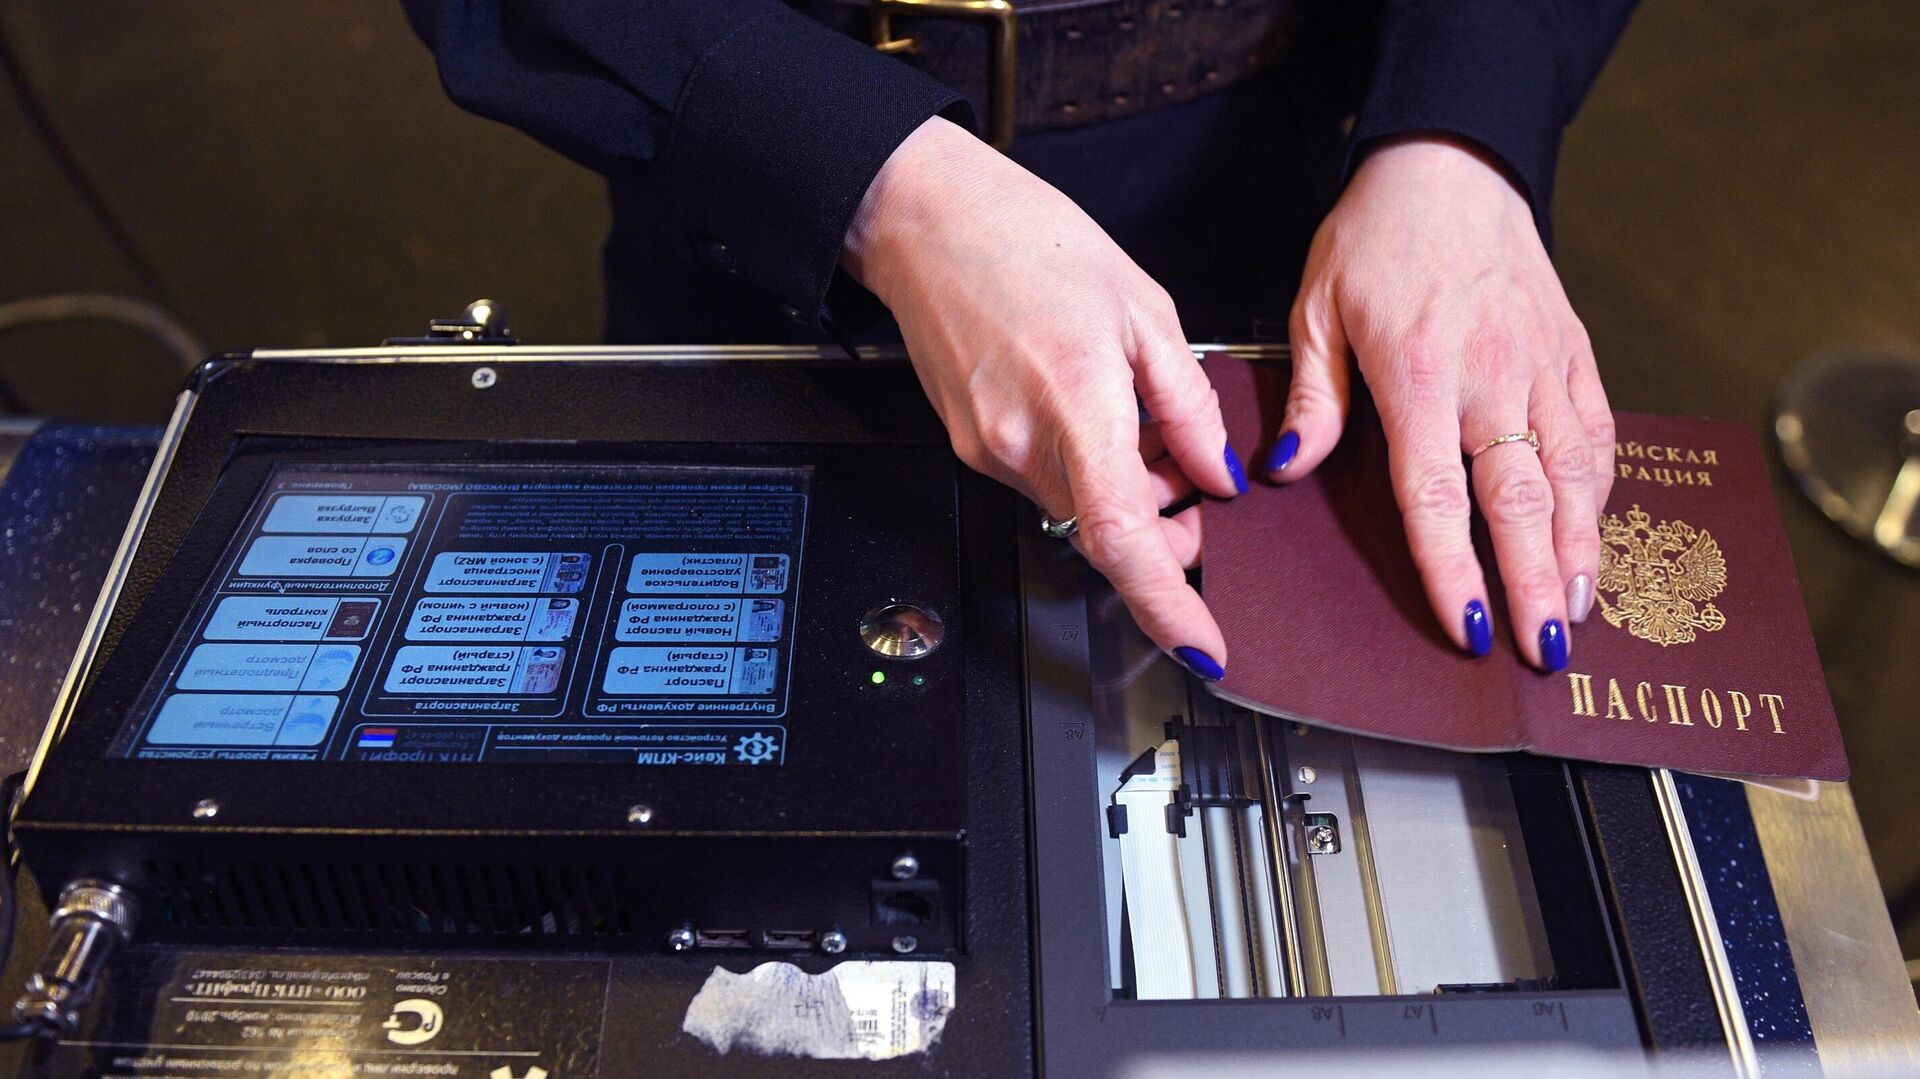 Сотрудник транспортной полиции сканирует паспорт пассажира комплексом для проверки лиц и документов - РИА Новости, 1920, 07.04.2021